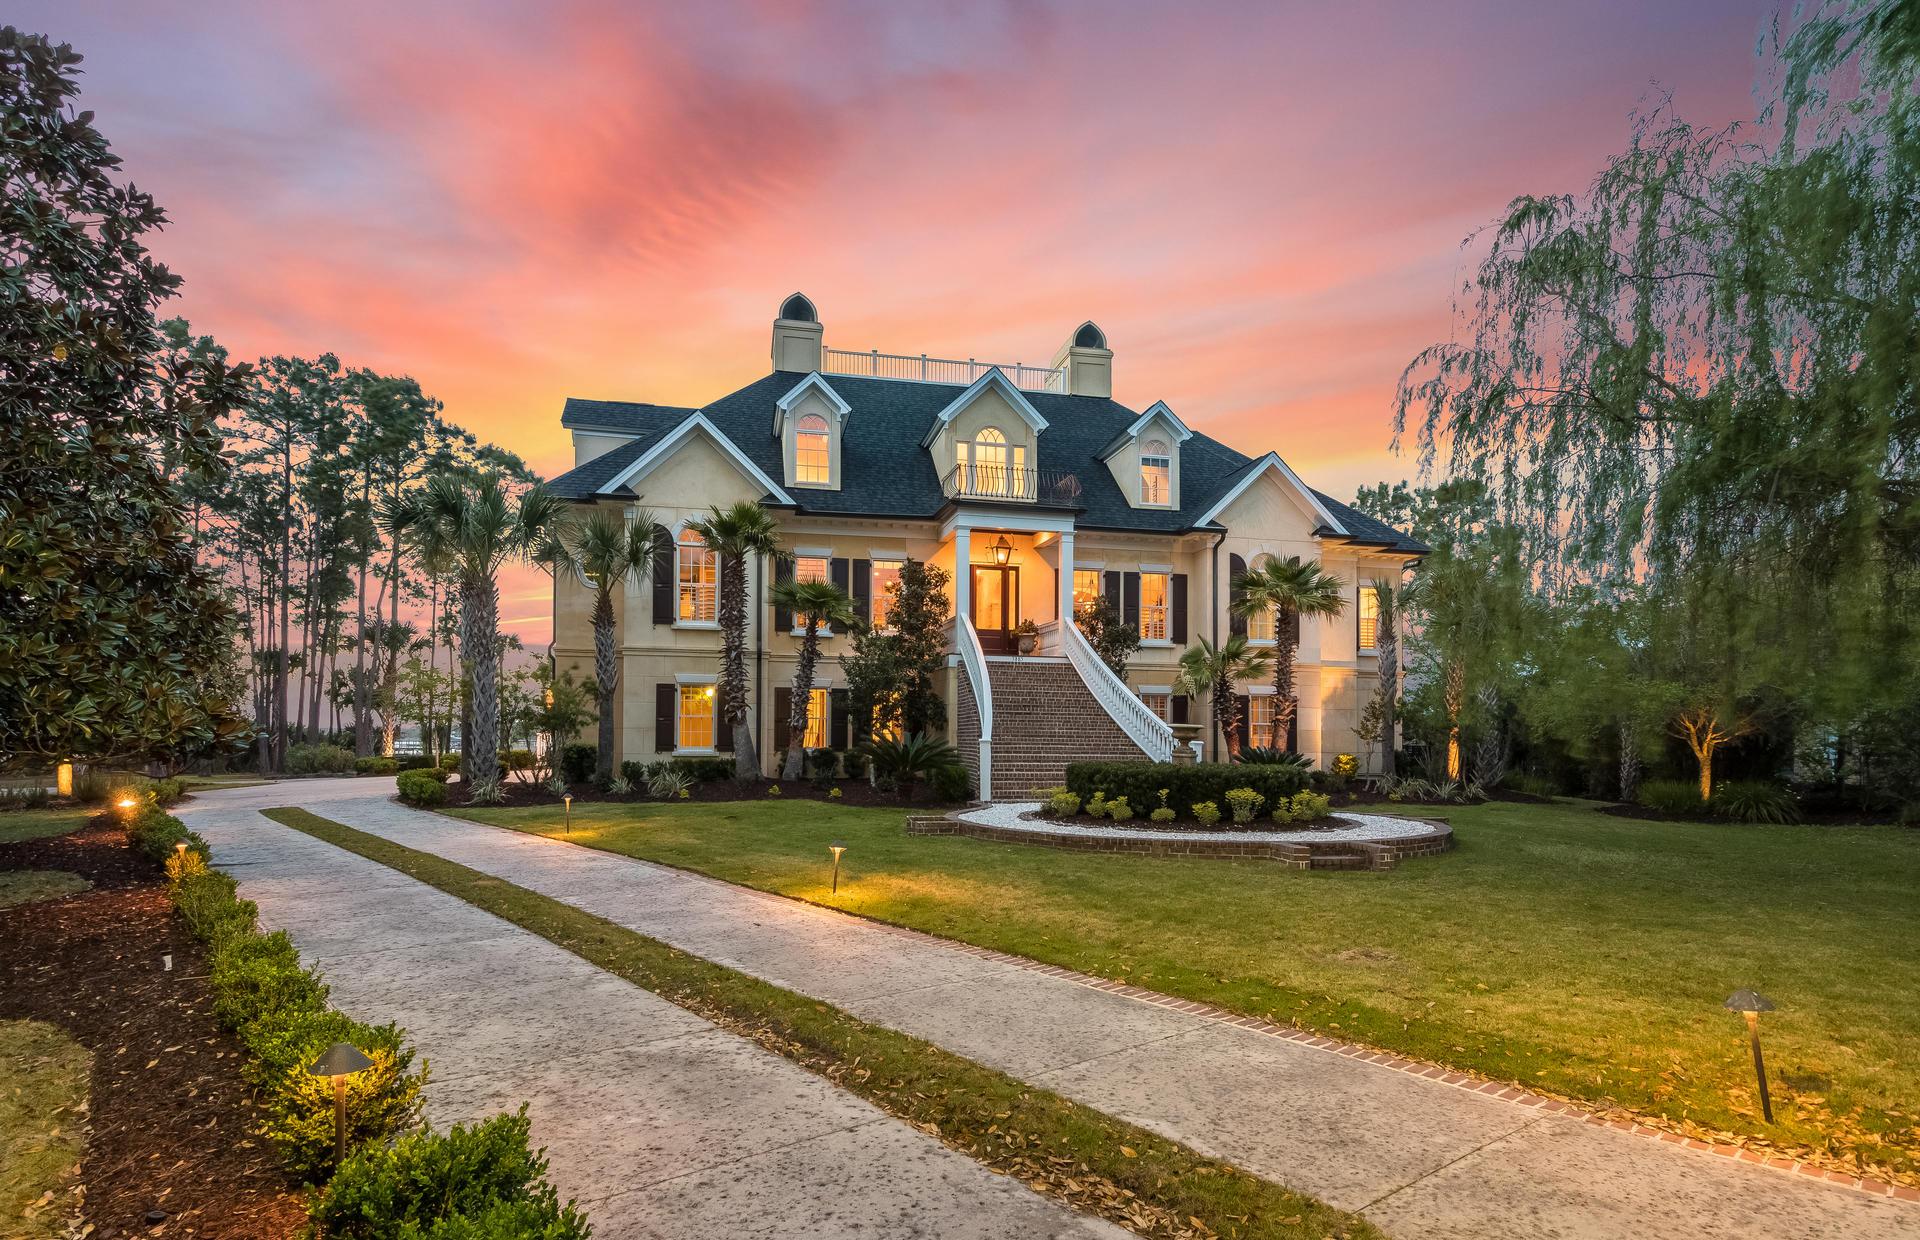 Park West Homes For Sale - 3885 Ashton Shore, Mount Pleasant, SC - 3